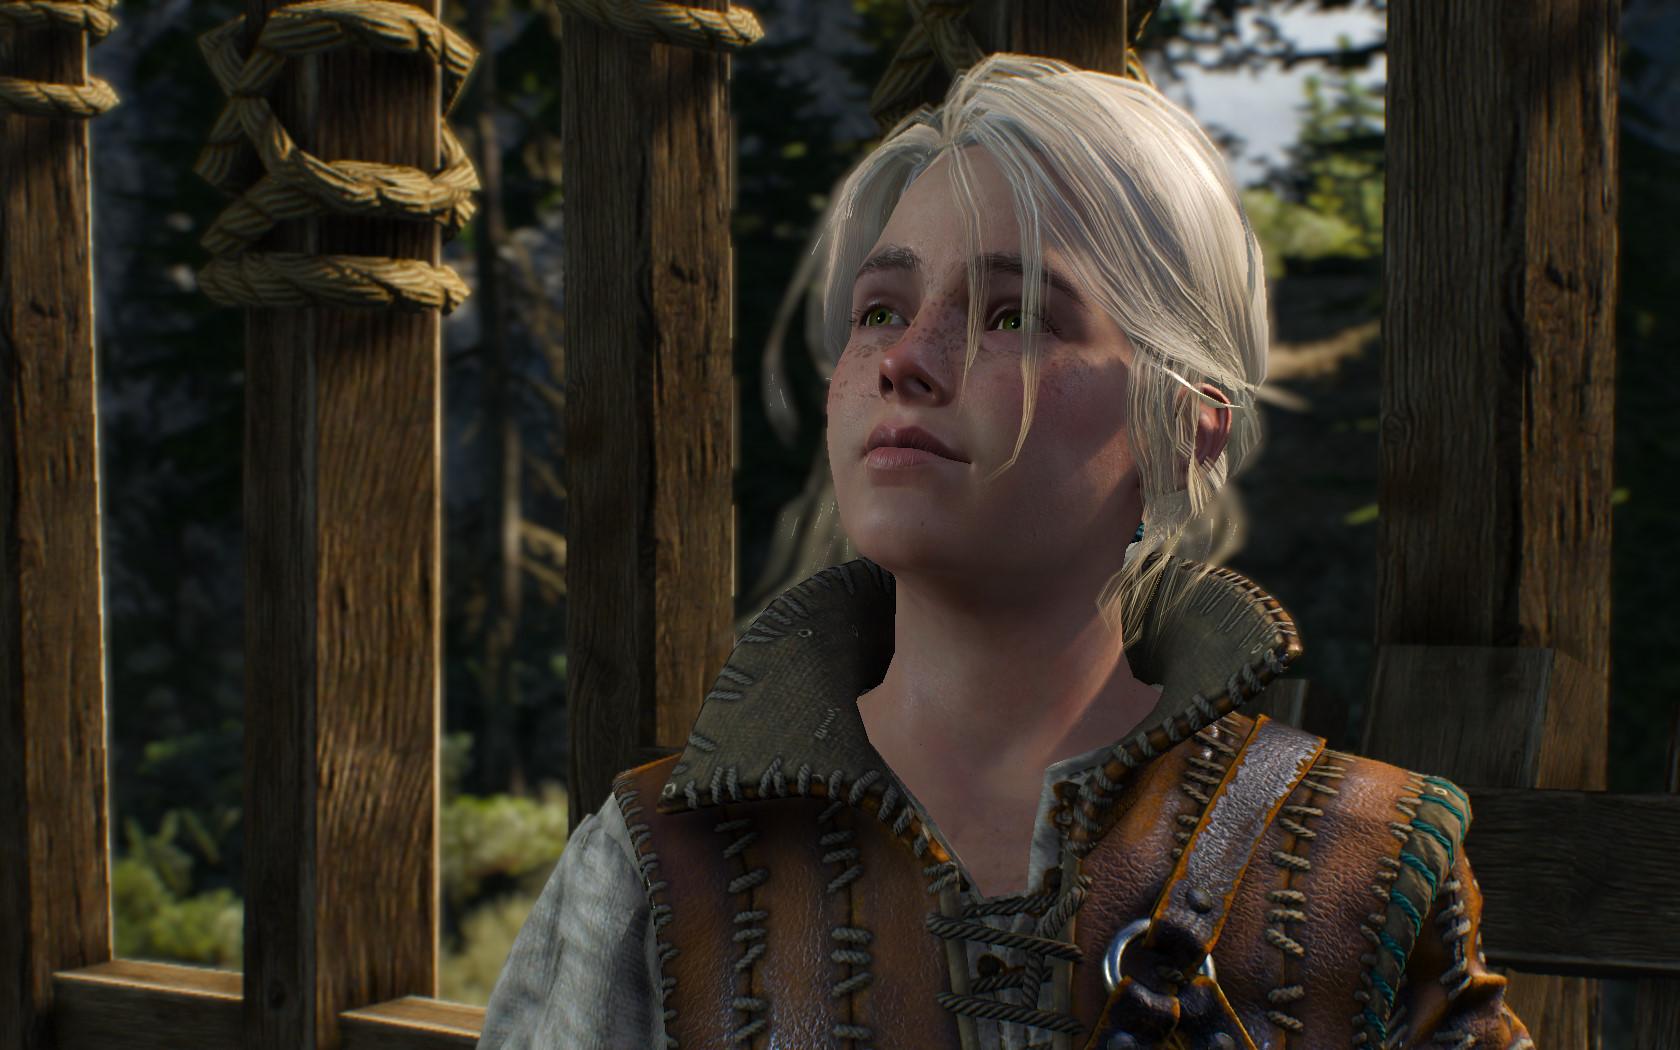 Цири - Witcher 3: Wild Hunt, the